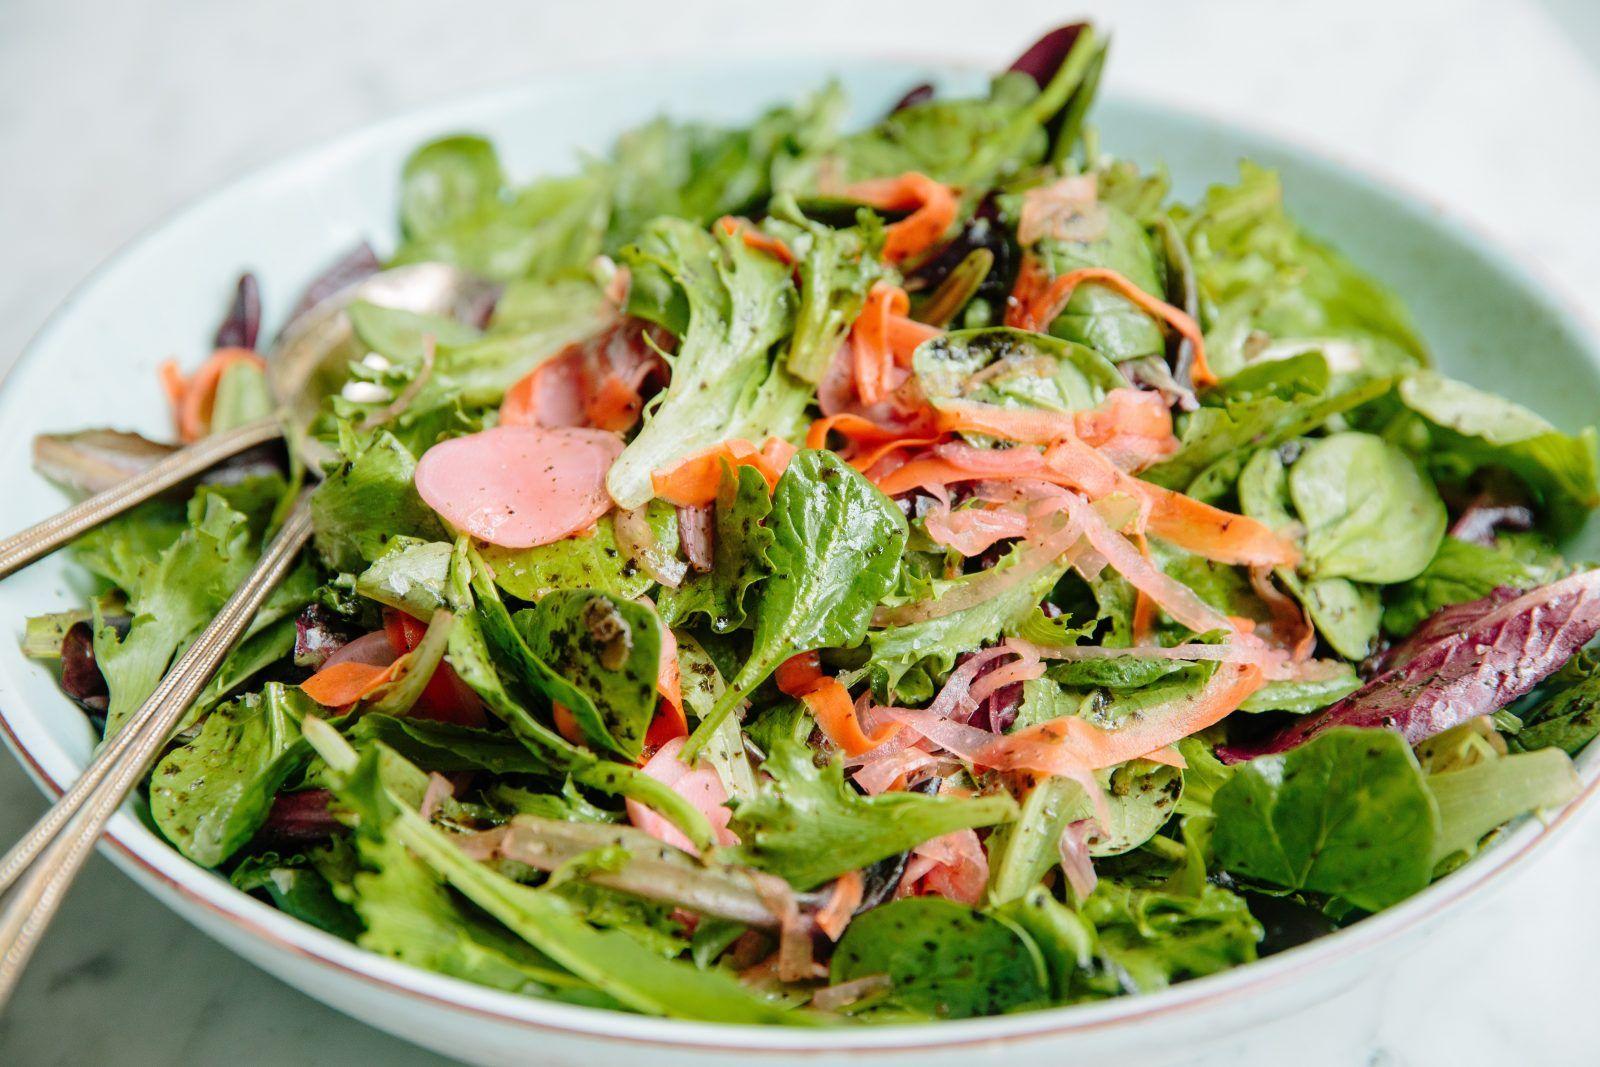 Eventide green salad with nori vinaigrette recipe in